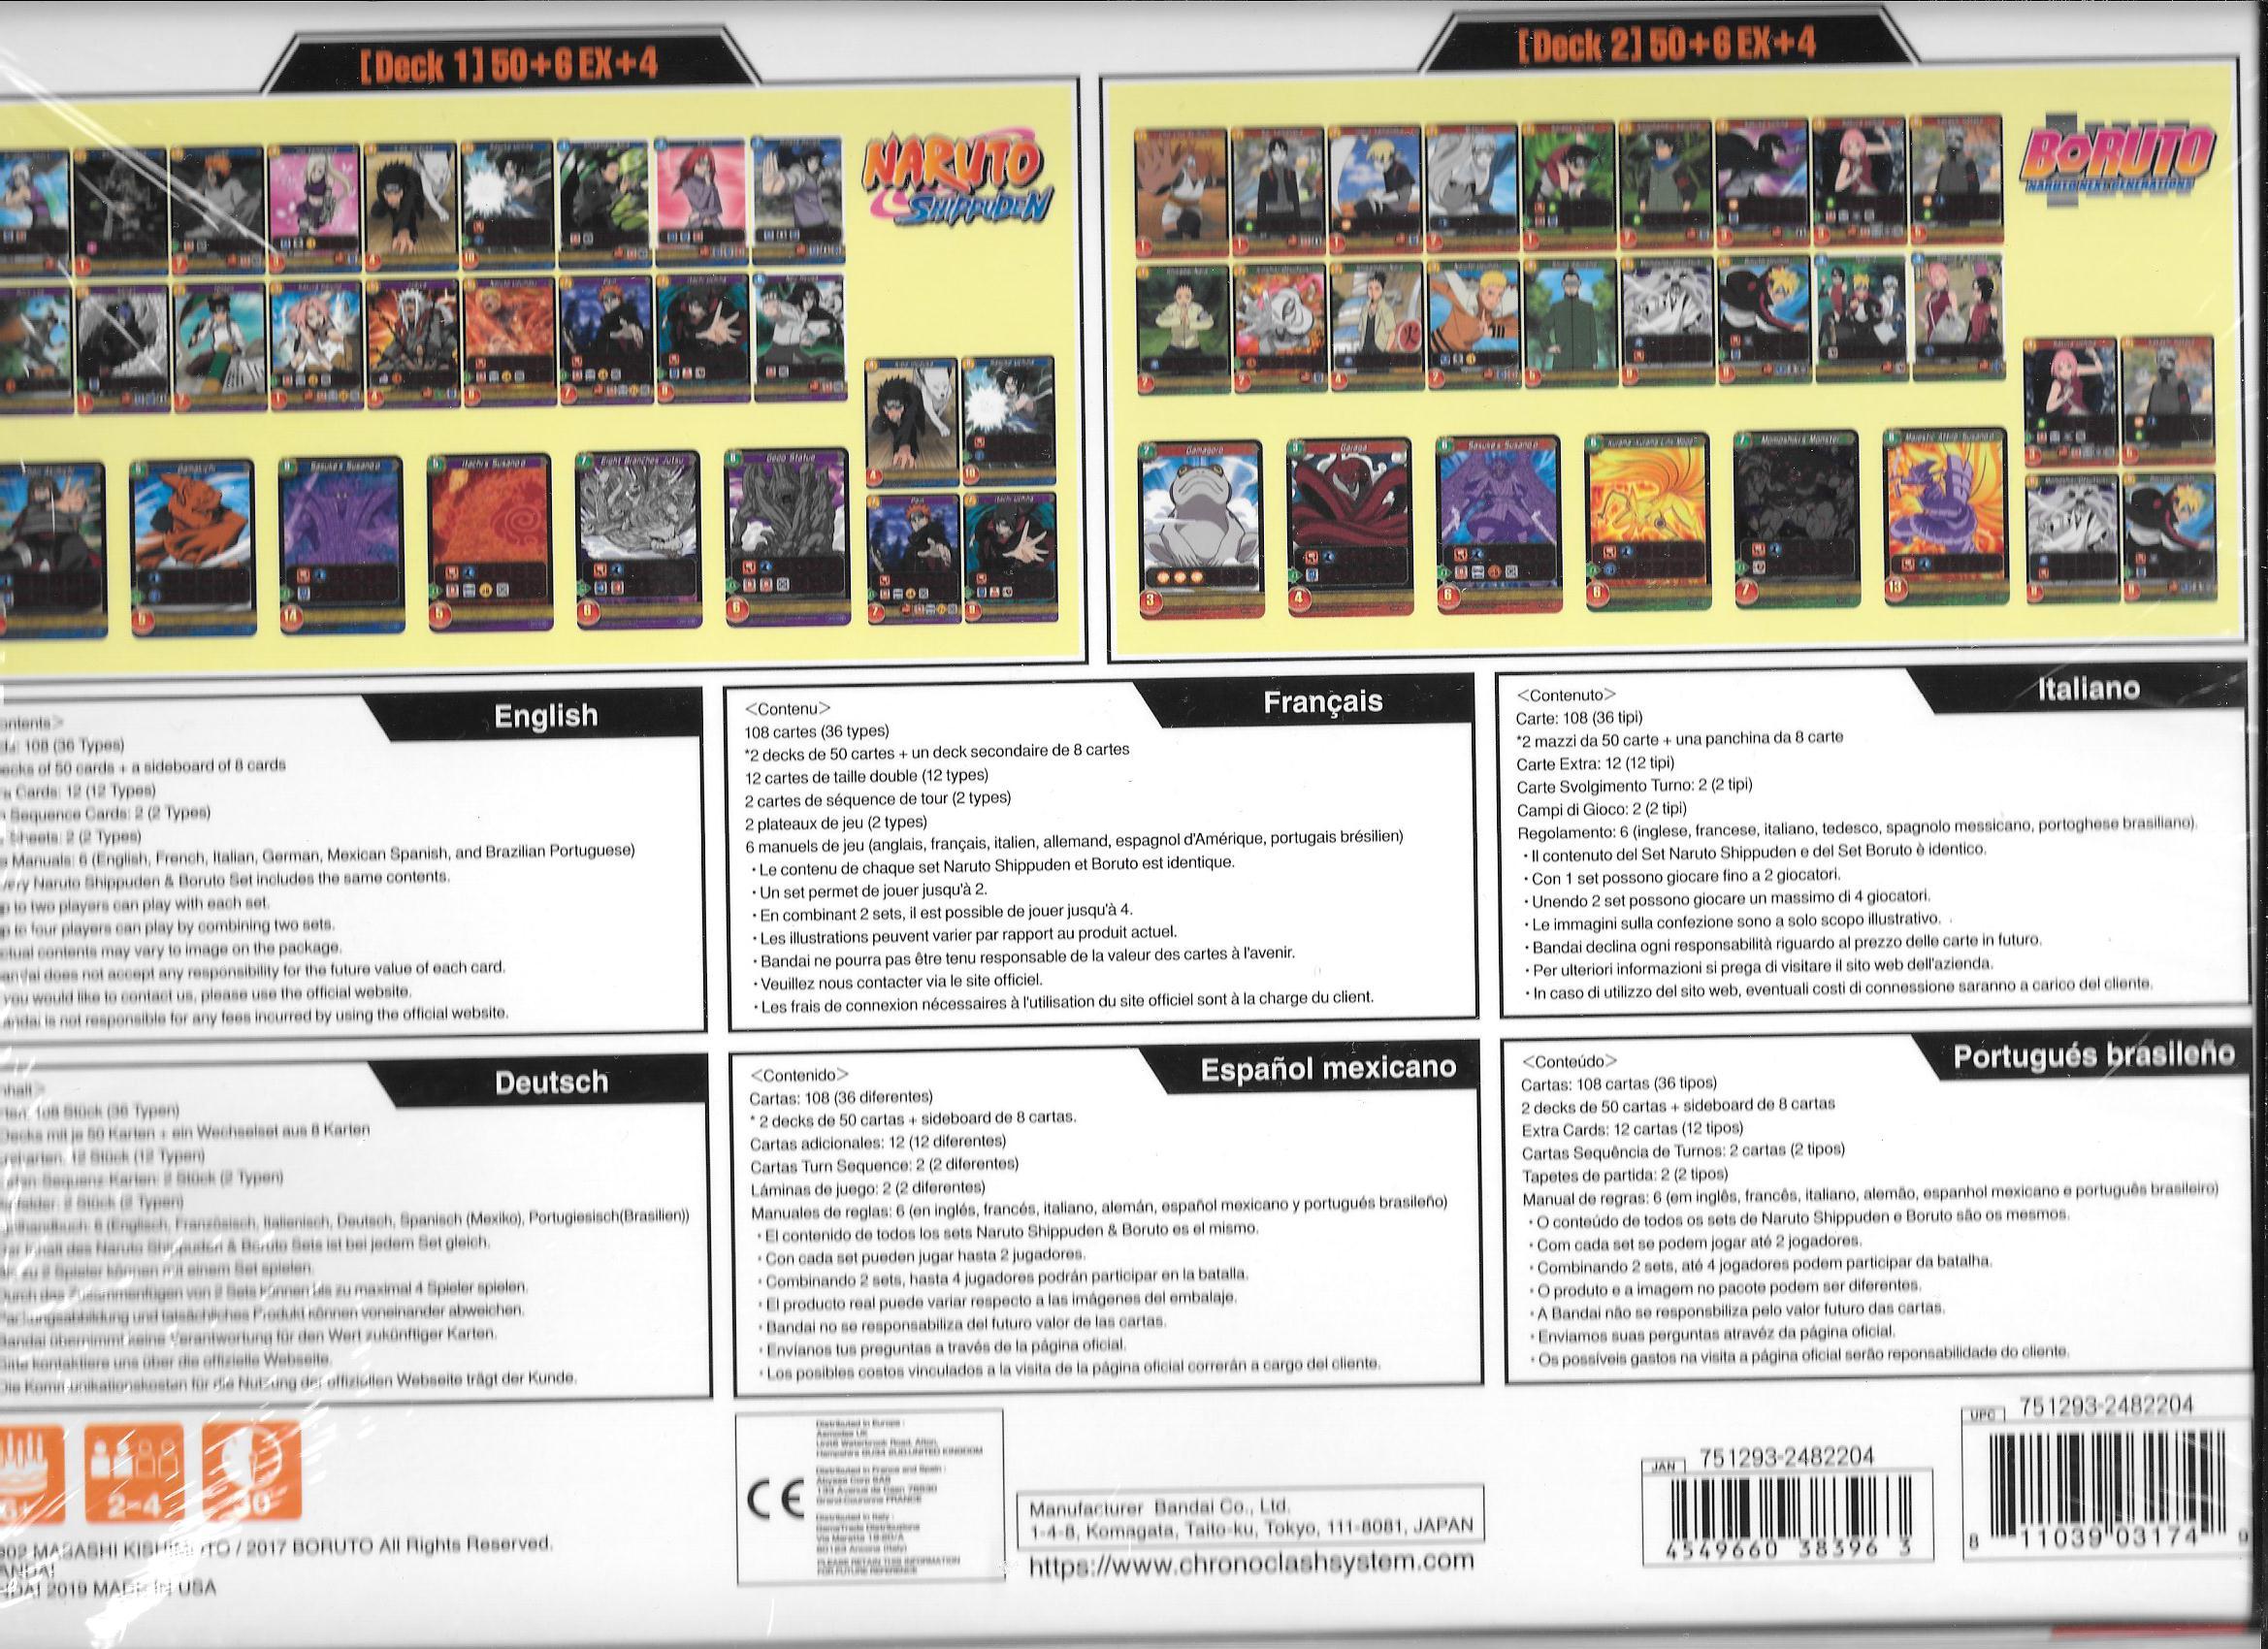 Naruto Shippuden Karten.Naruto Boruto Card Game Naruto Shippuden Boruto Set